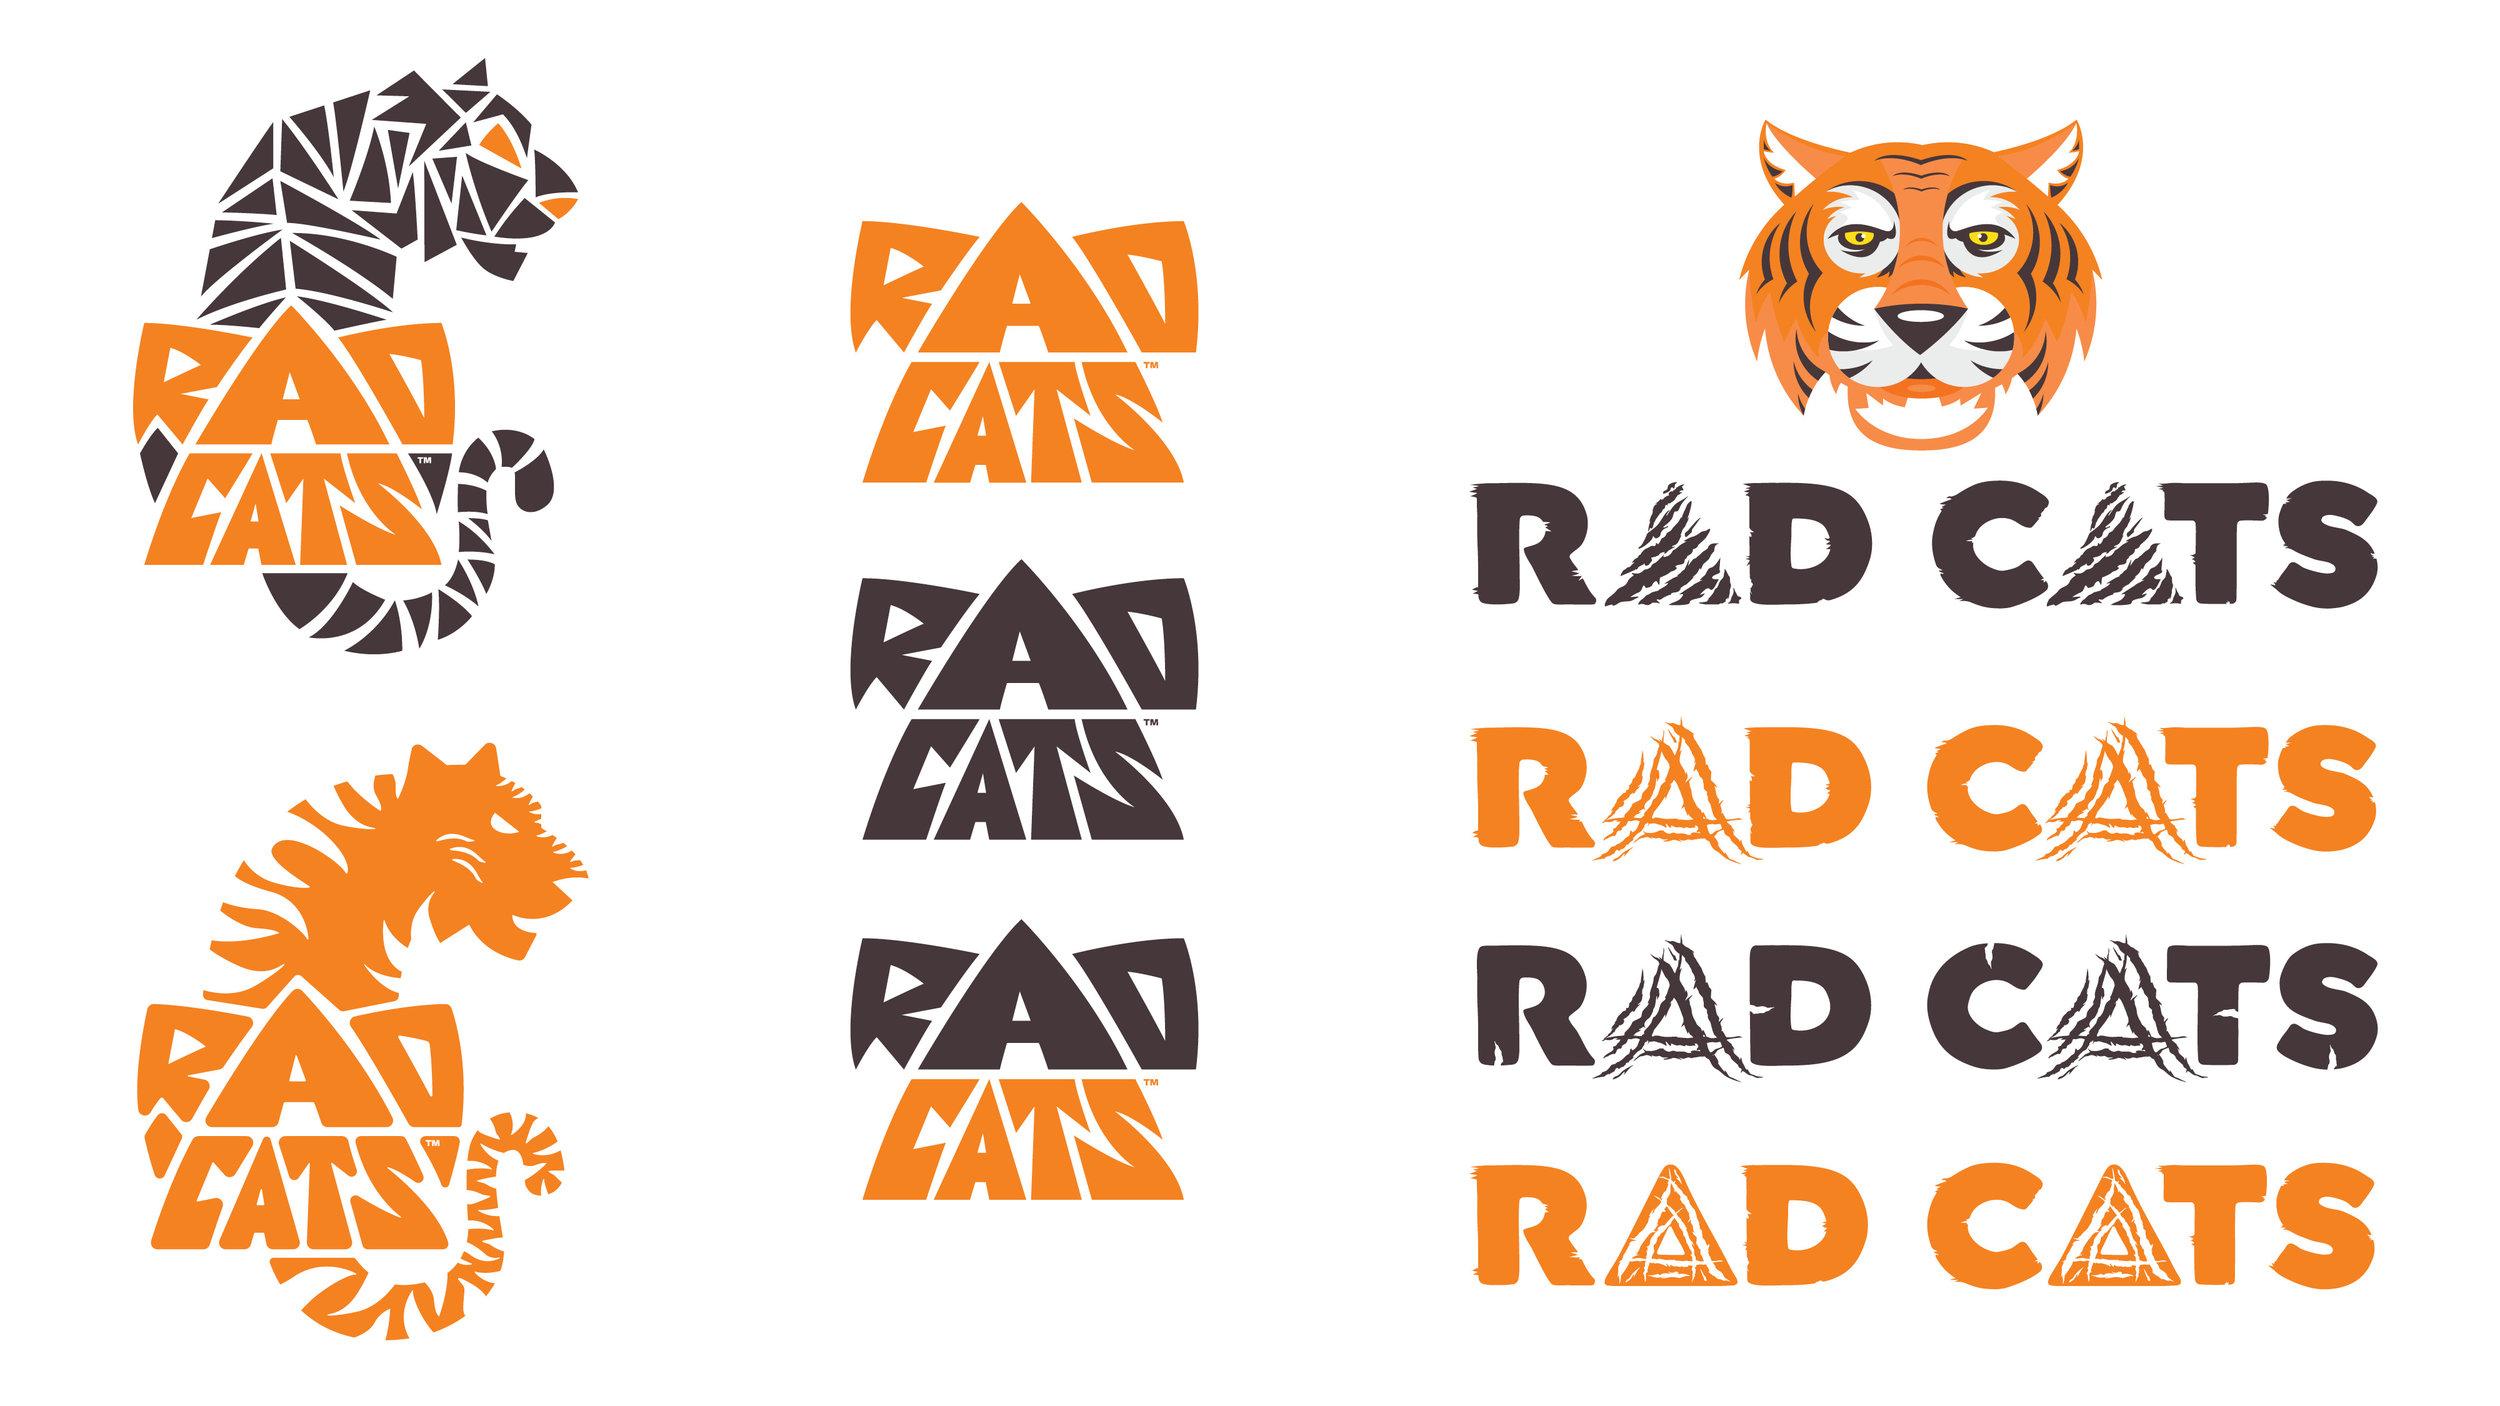 RAD CATS logo explorations. Illustrator CC.